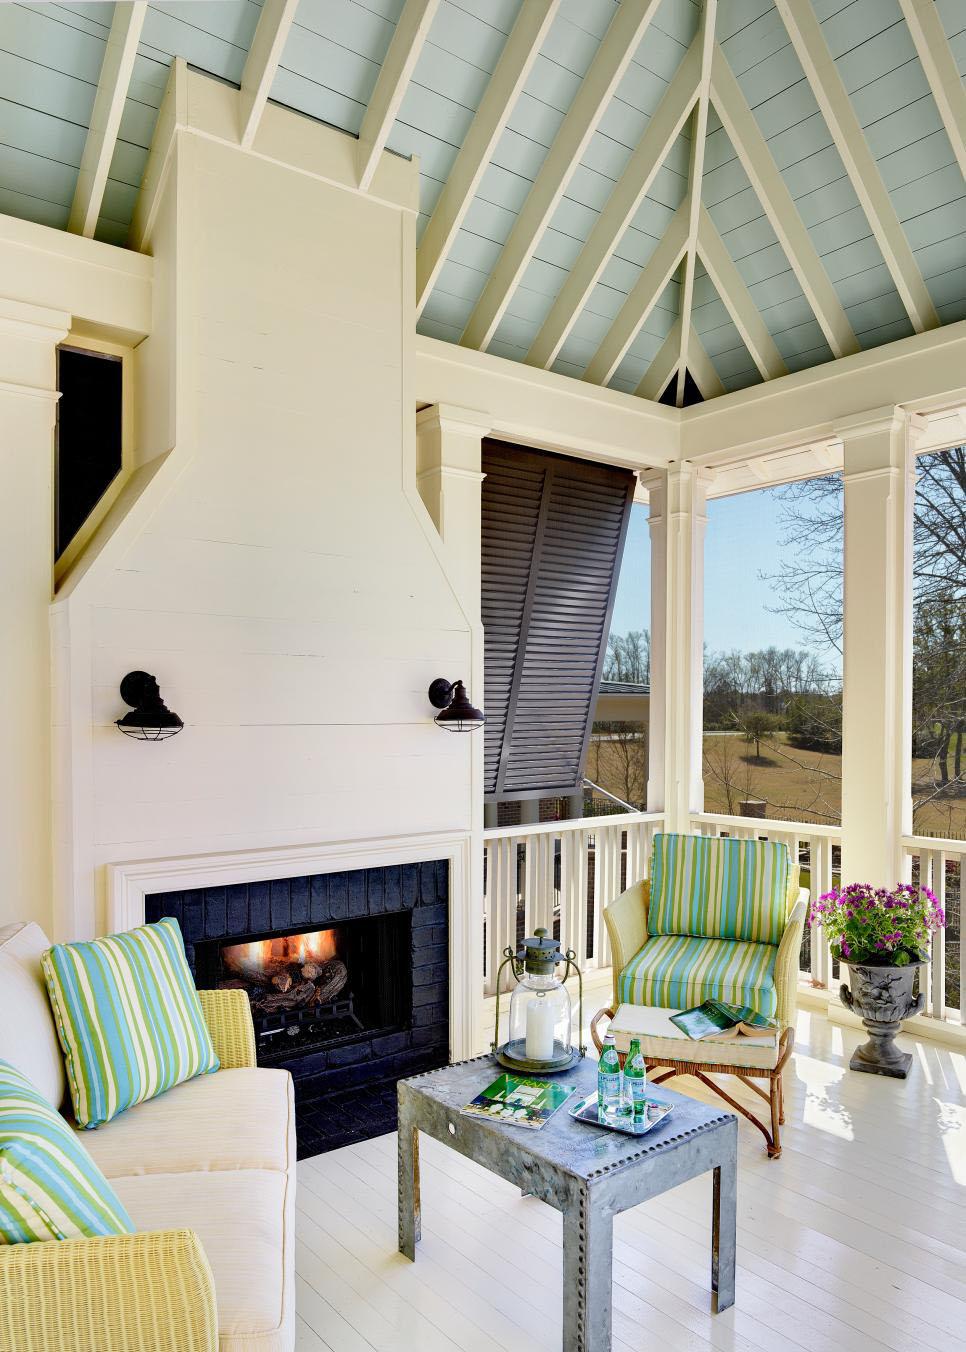 Coastal Gazebo with a Classic Fireplace